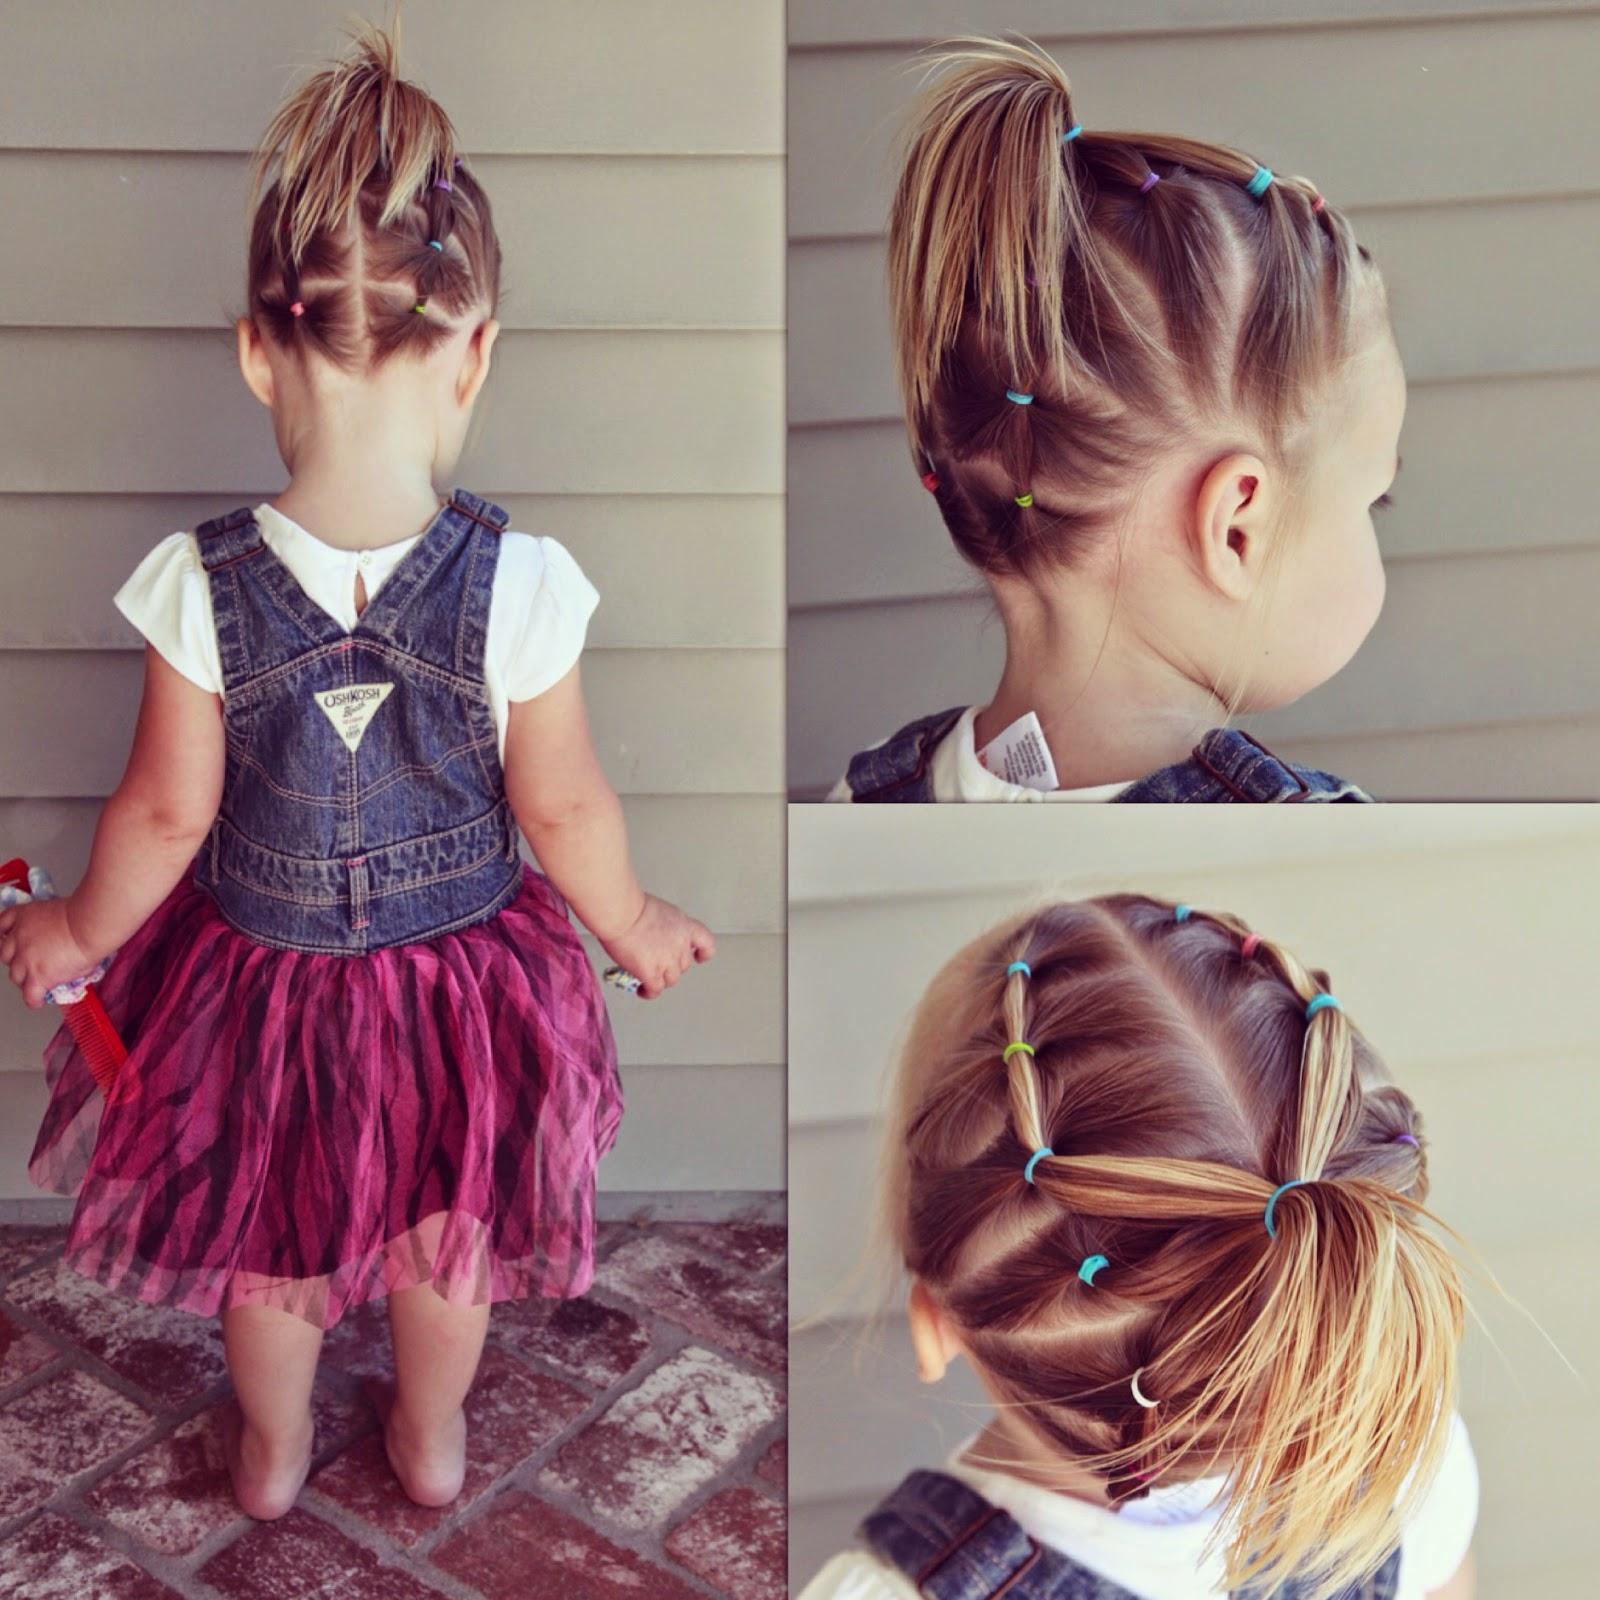 Причёска для девочки на короткие волосы своими руками в домашних условиях